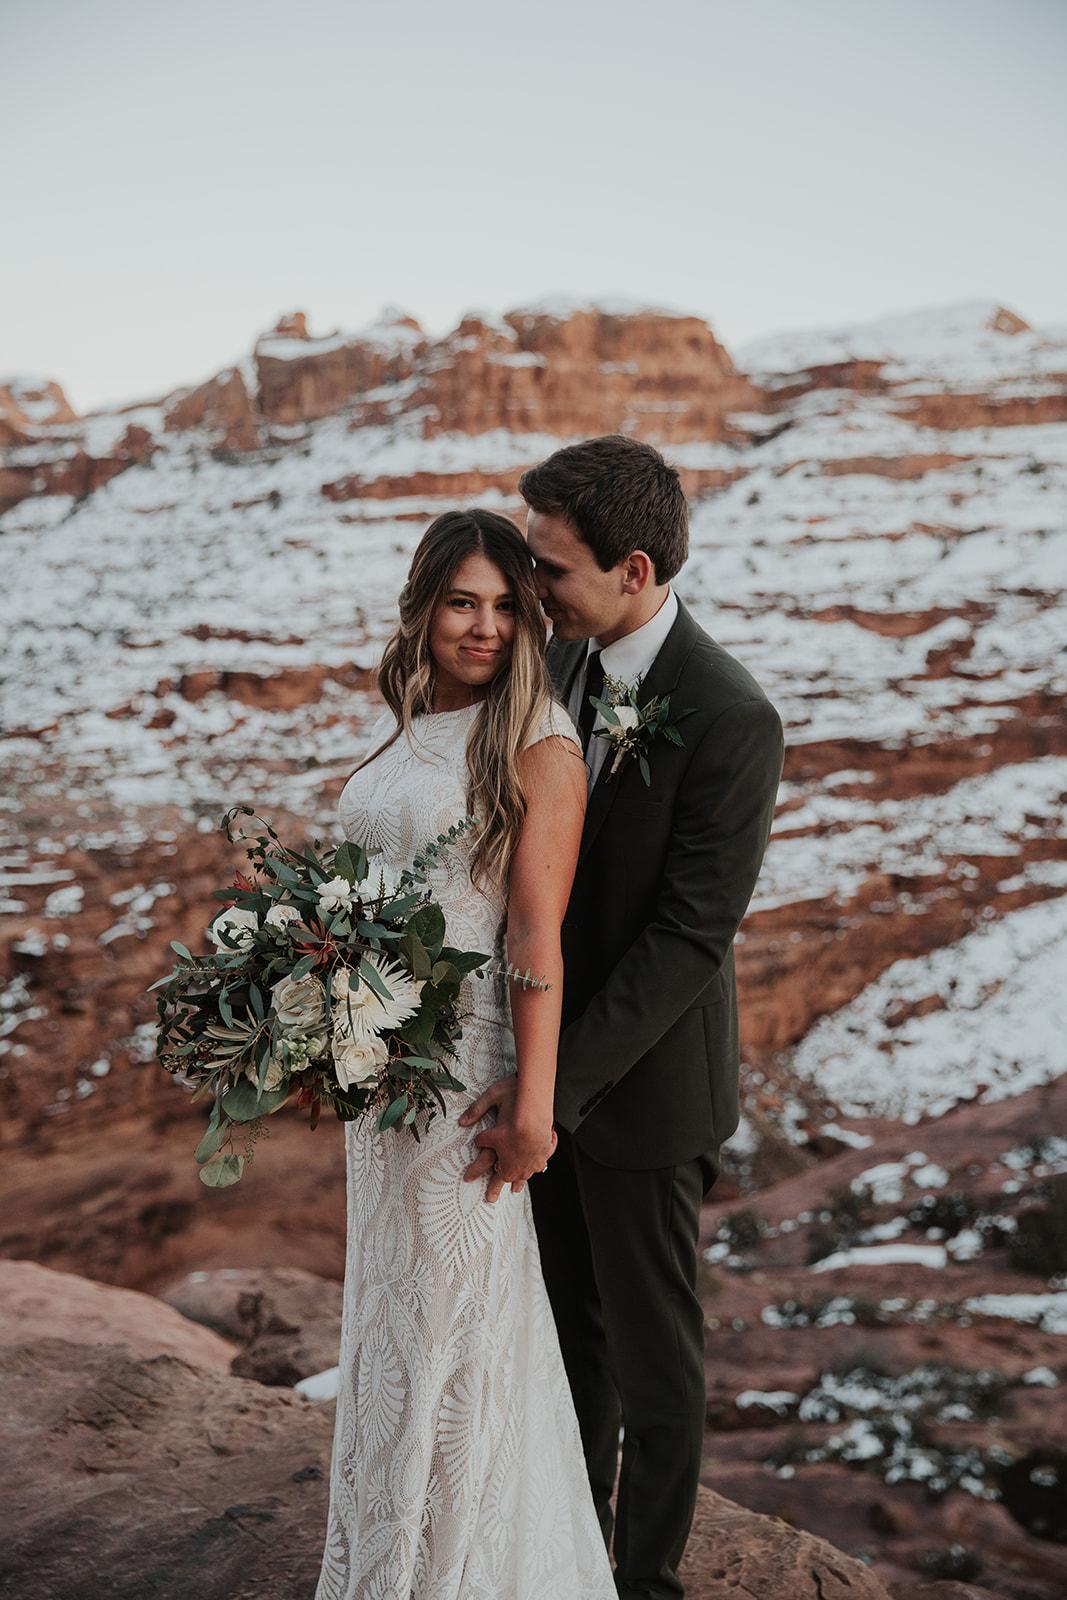 jamie+weston bridals-243.jpg